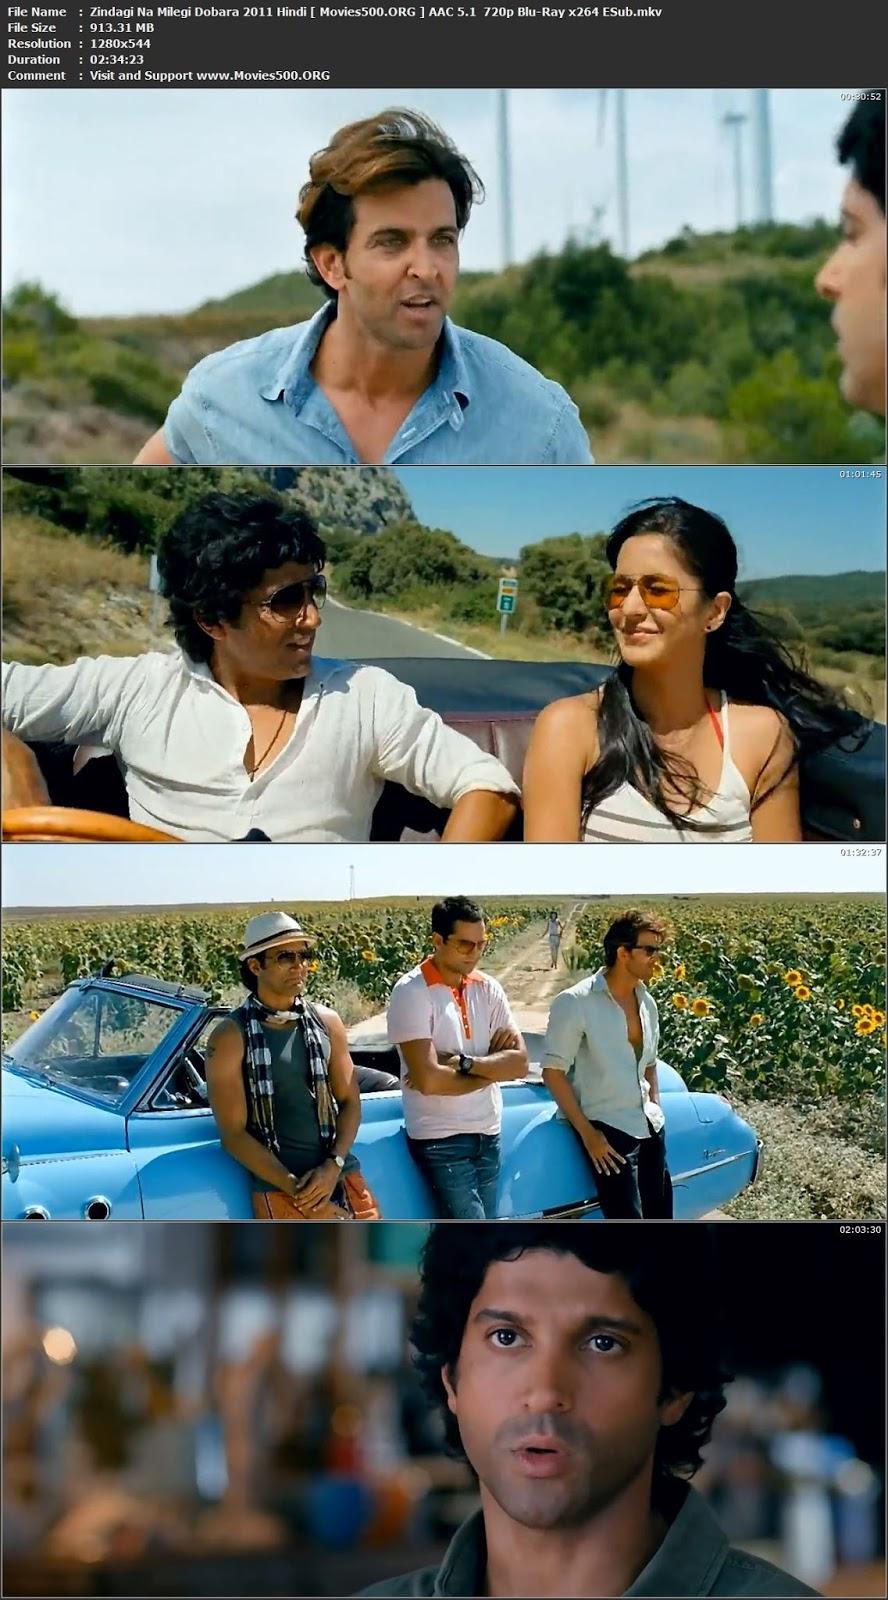 Zindagi Na Milegi Dobara 2011 Hindi Download BluRay 720p ESubs at movies500.site